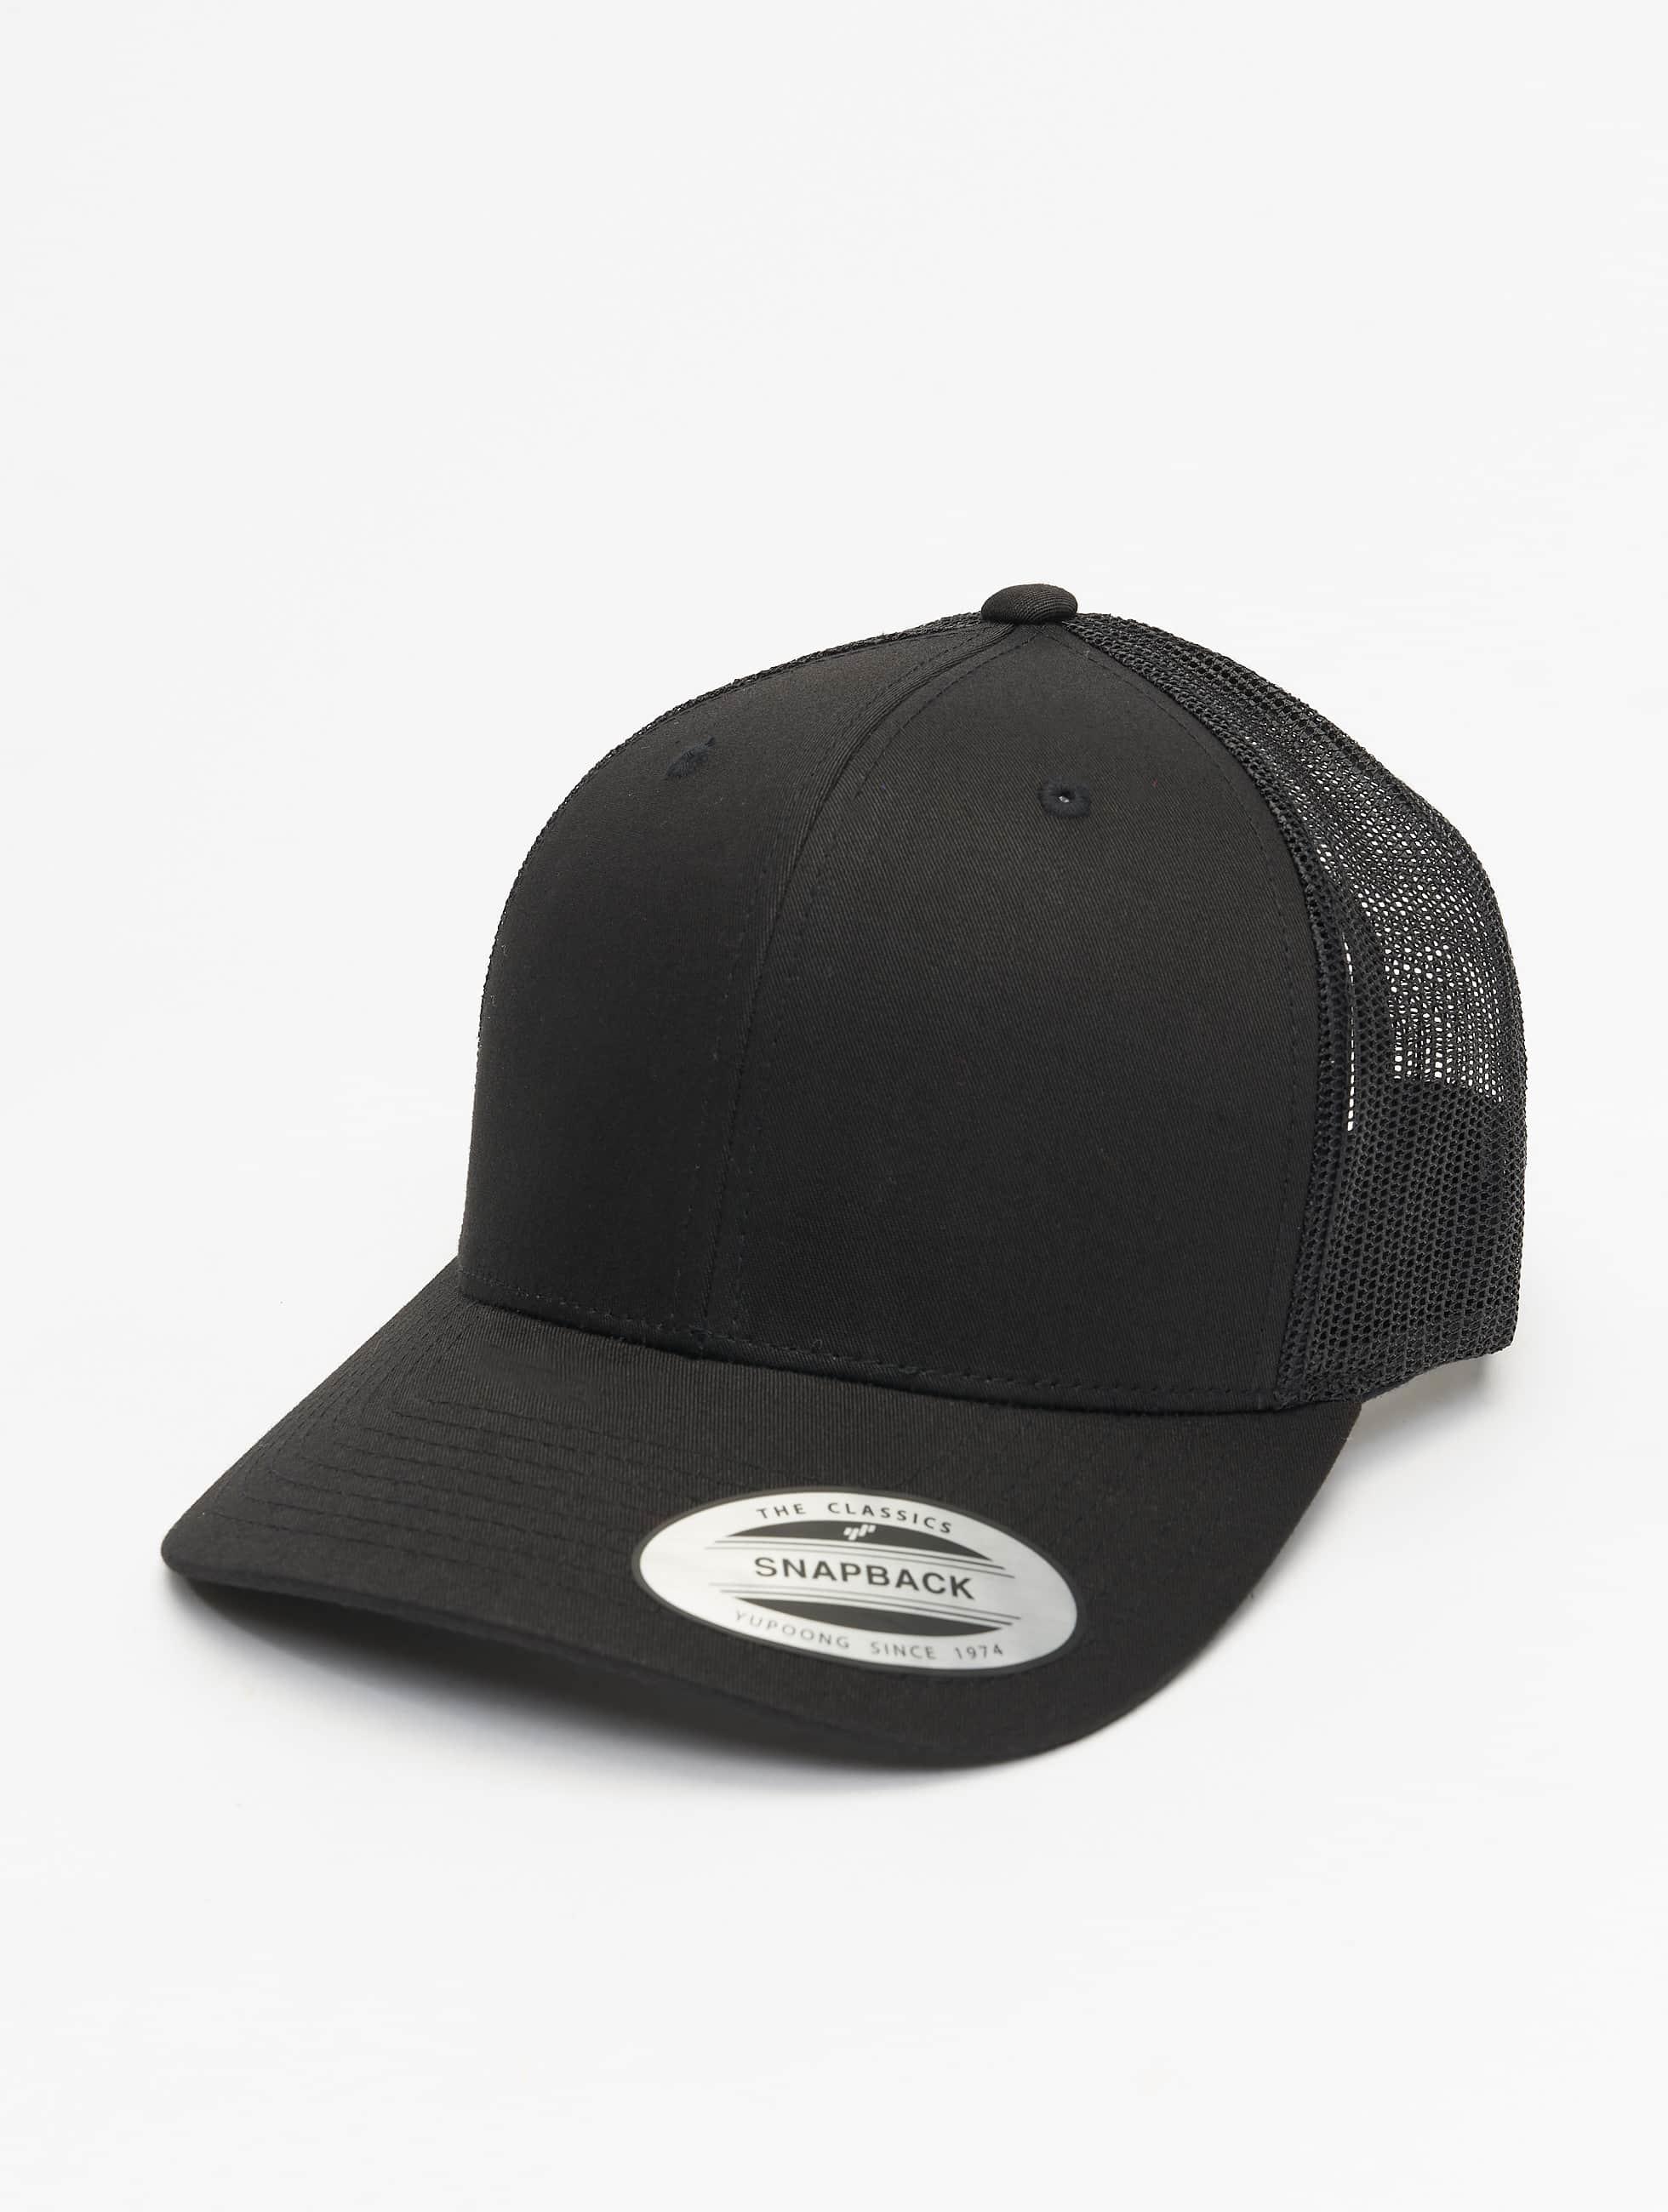 Trucker cap bestellen